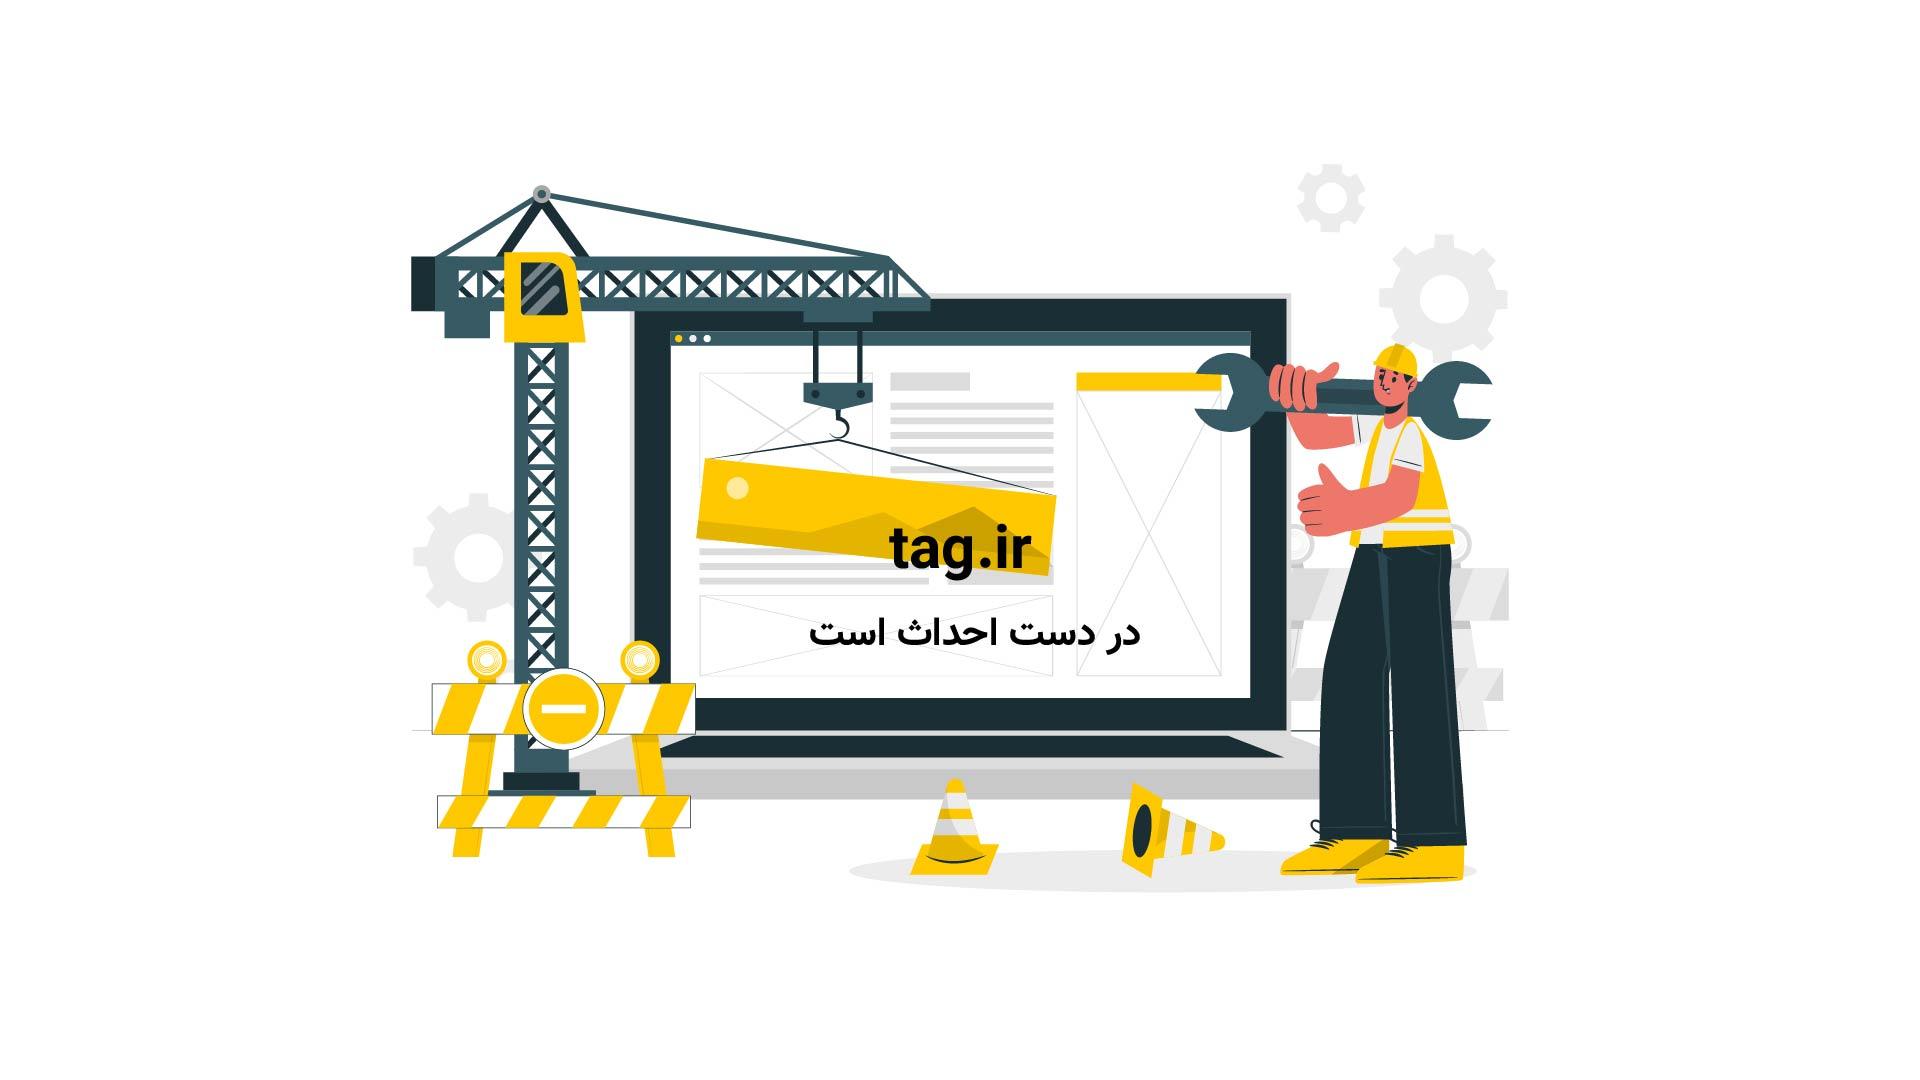 آموزش درست کردن سیب تزیینی با بطری نوشابه | فیلم